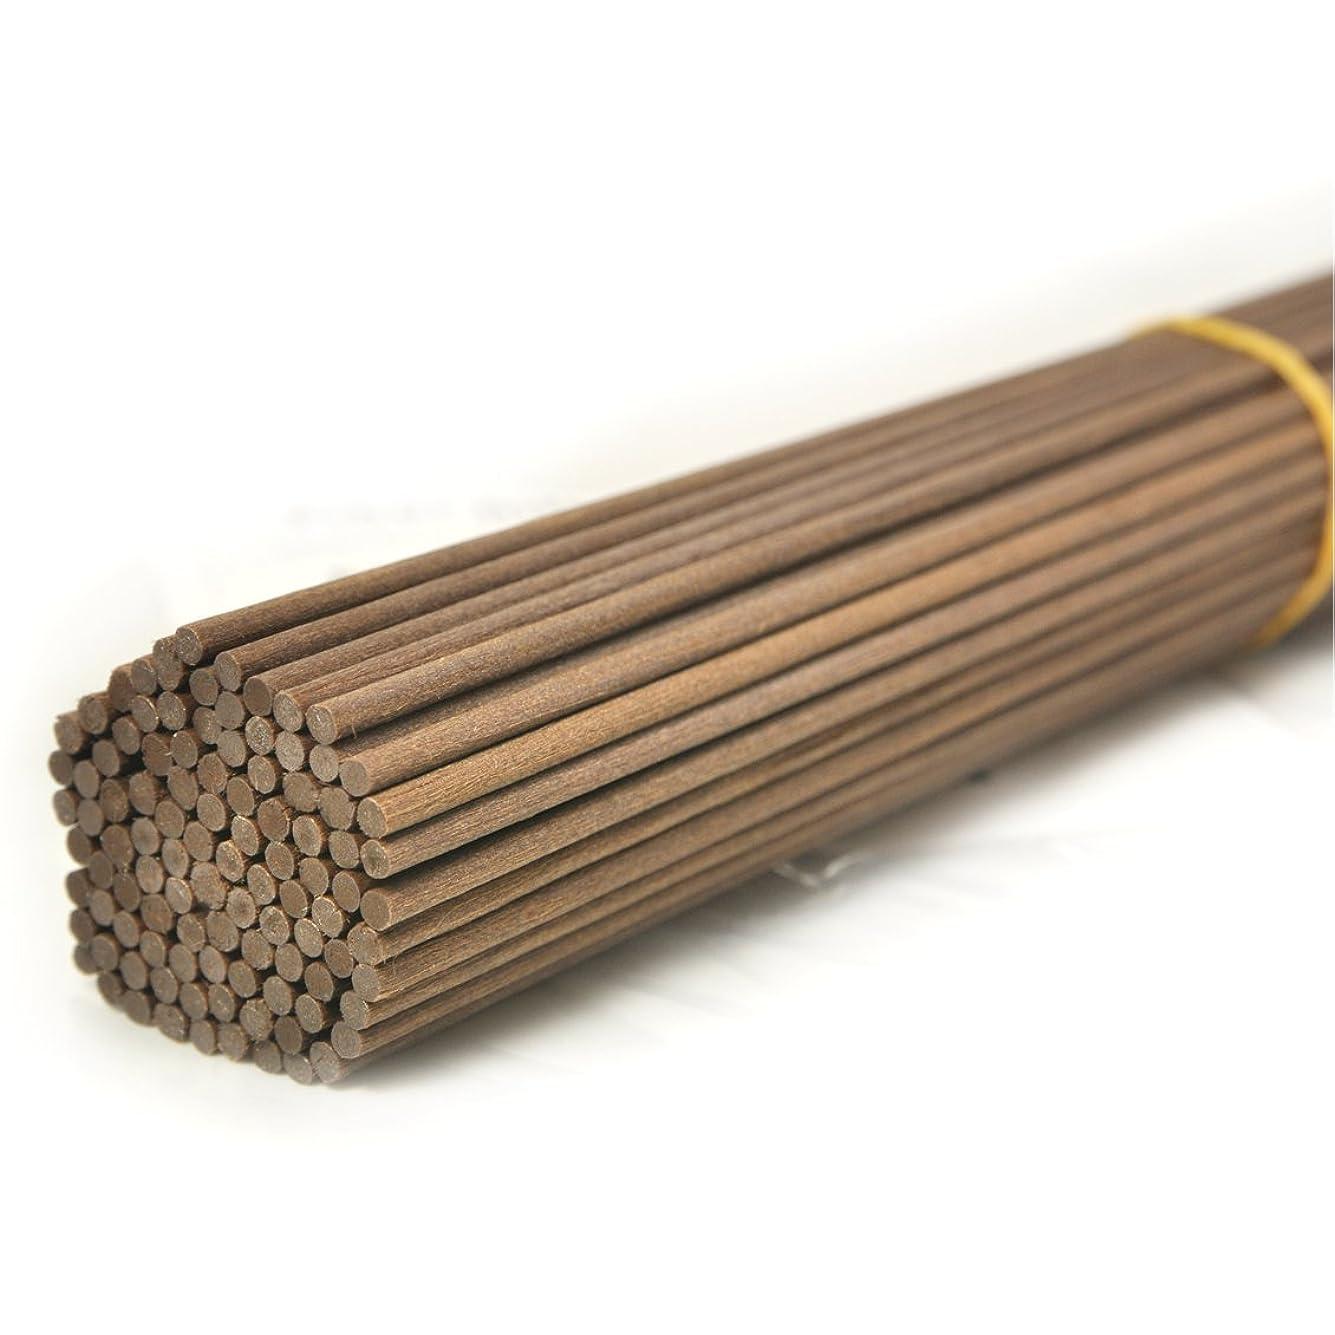 おびえた商品電気100本入アロマファイバーディフューザー交換用スティック(20cm*3mm,褐色)